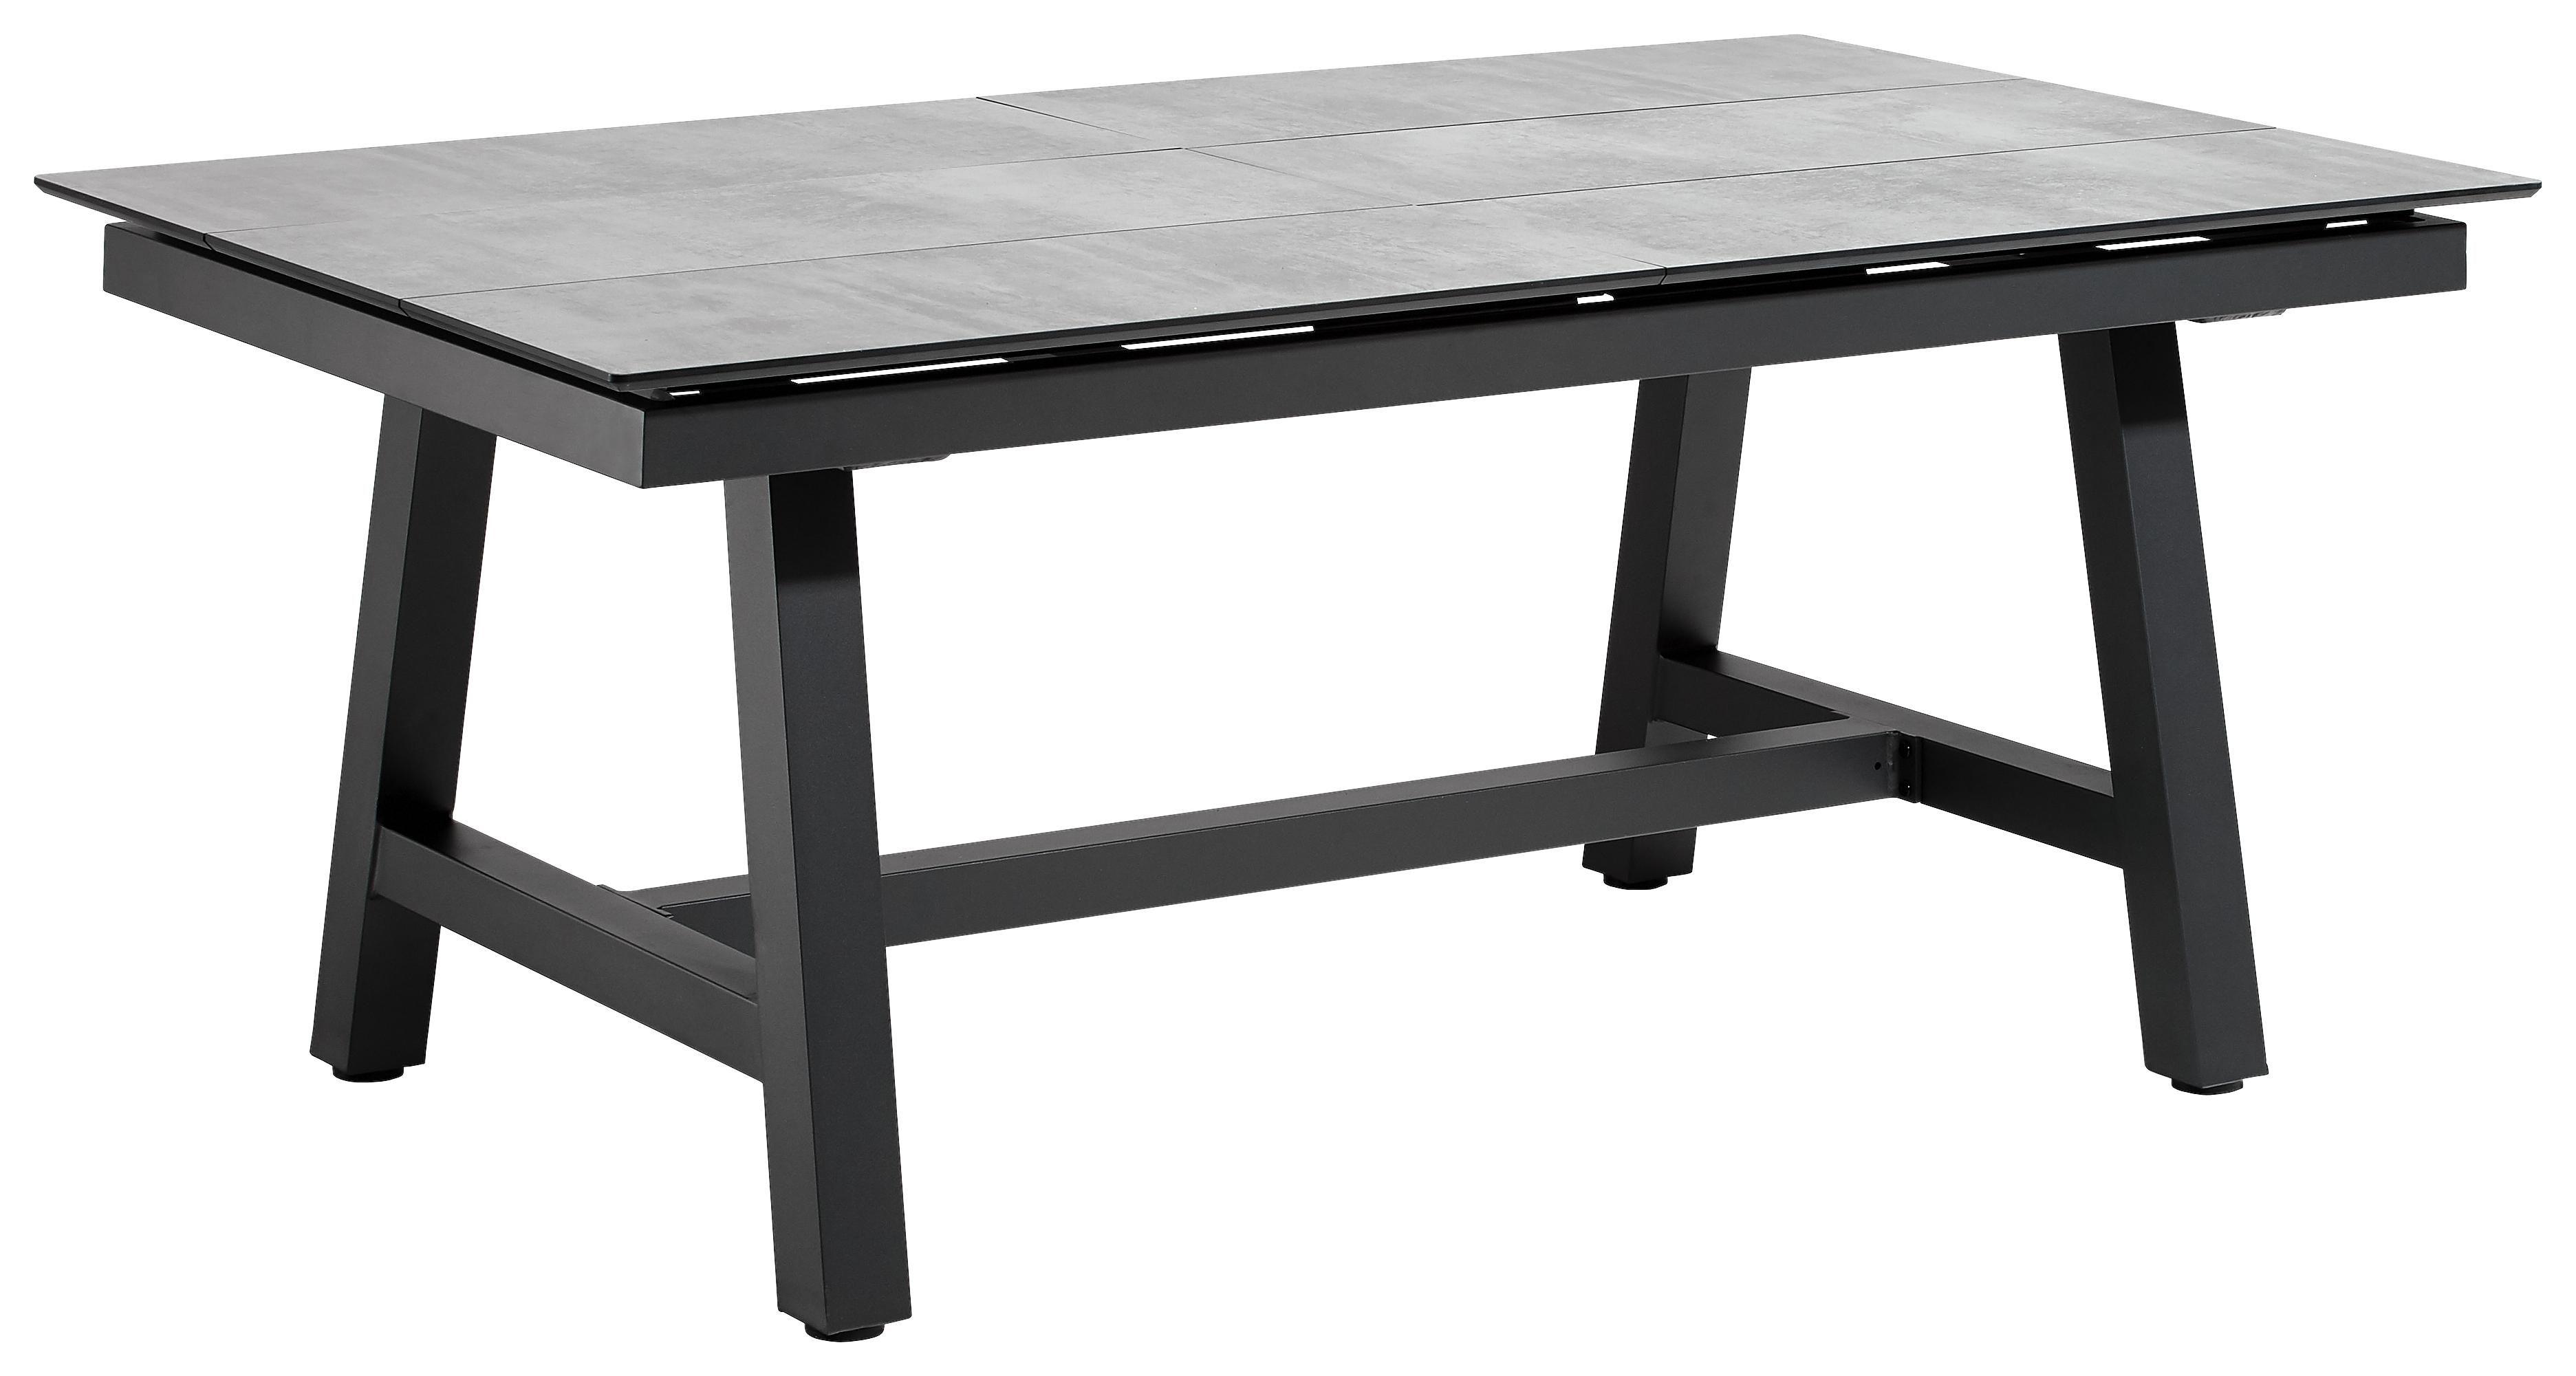 Loungetisch Ausziehbar Mit Alu Gestell Shoppen Lounge Tisch Gartentisch Lounge